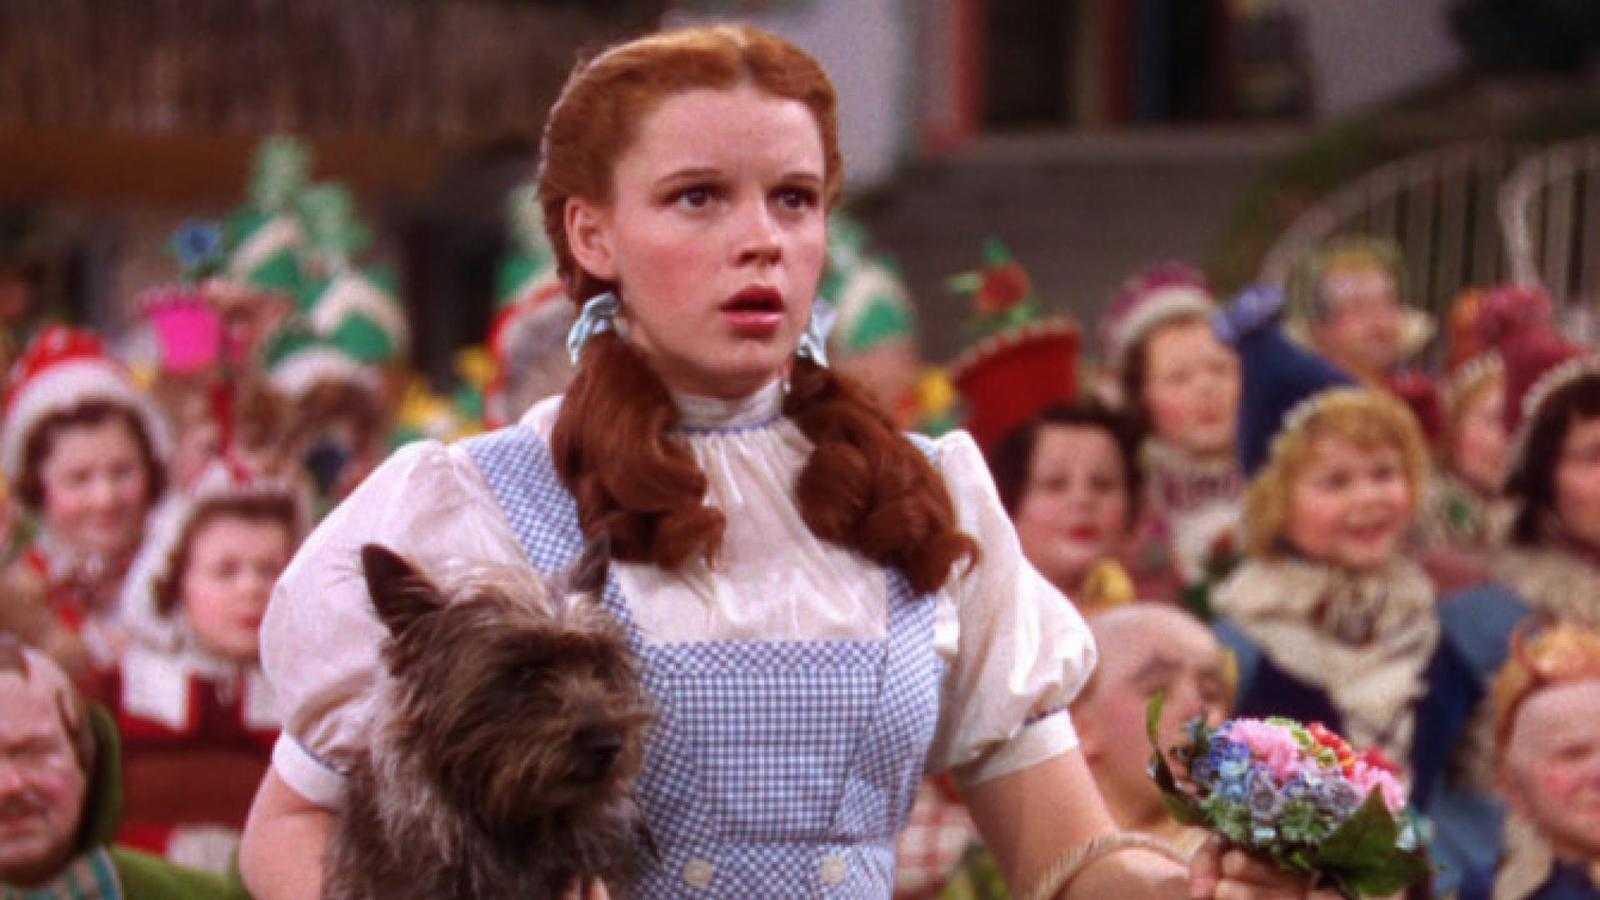 Judy Garland era vista como um ícone gay por seu estilo de atuação extravagante e, às vezes, campestre